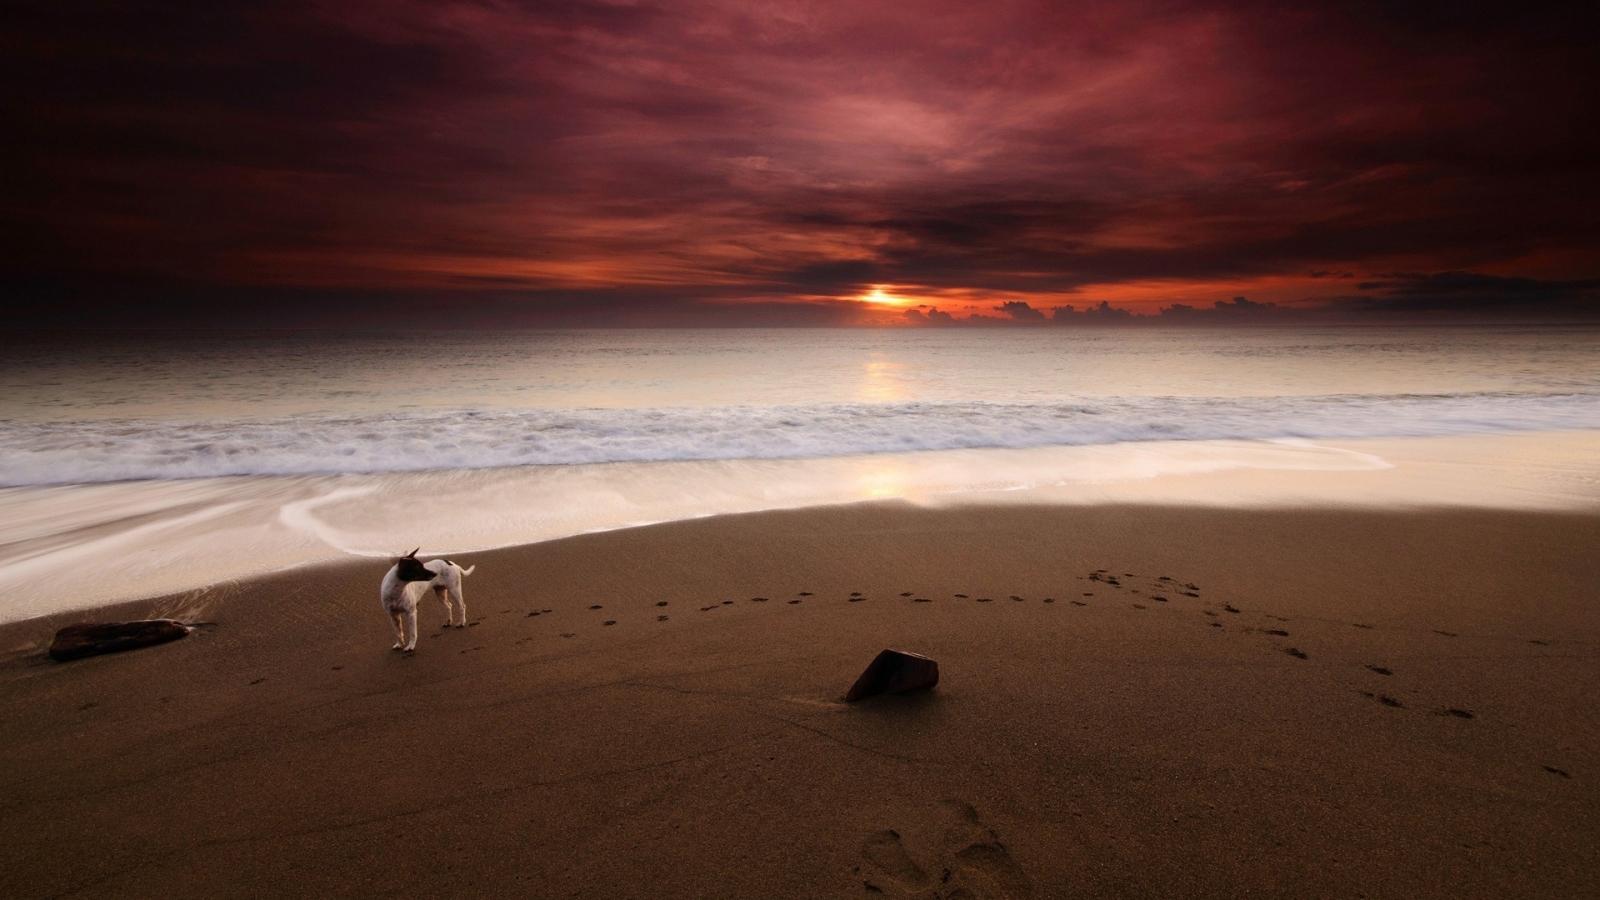 Fotografia con flash en playas - 1600x900